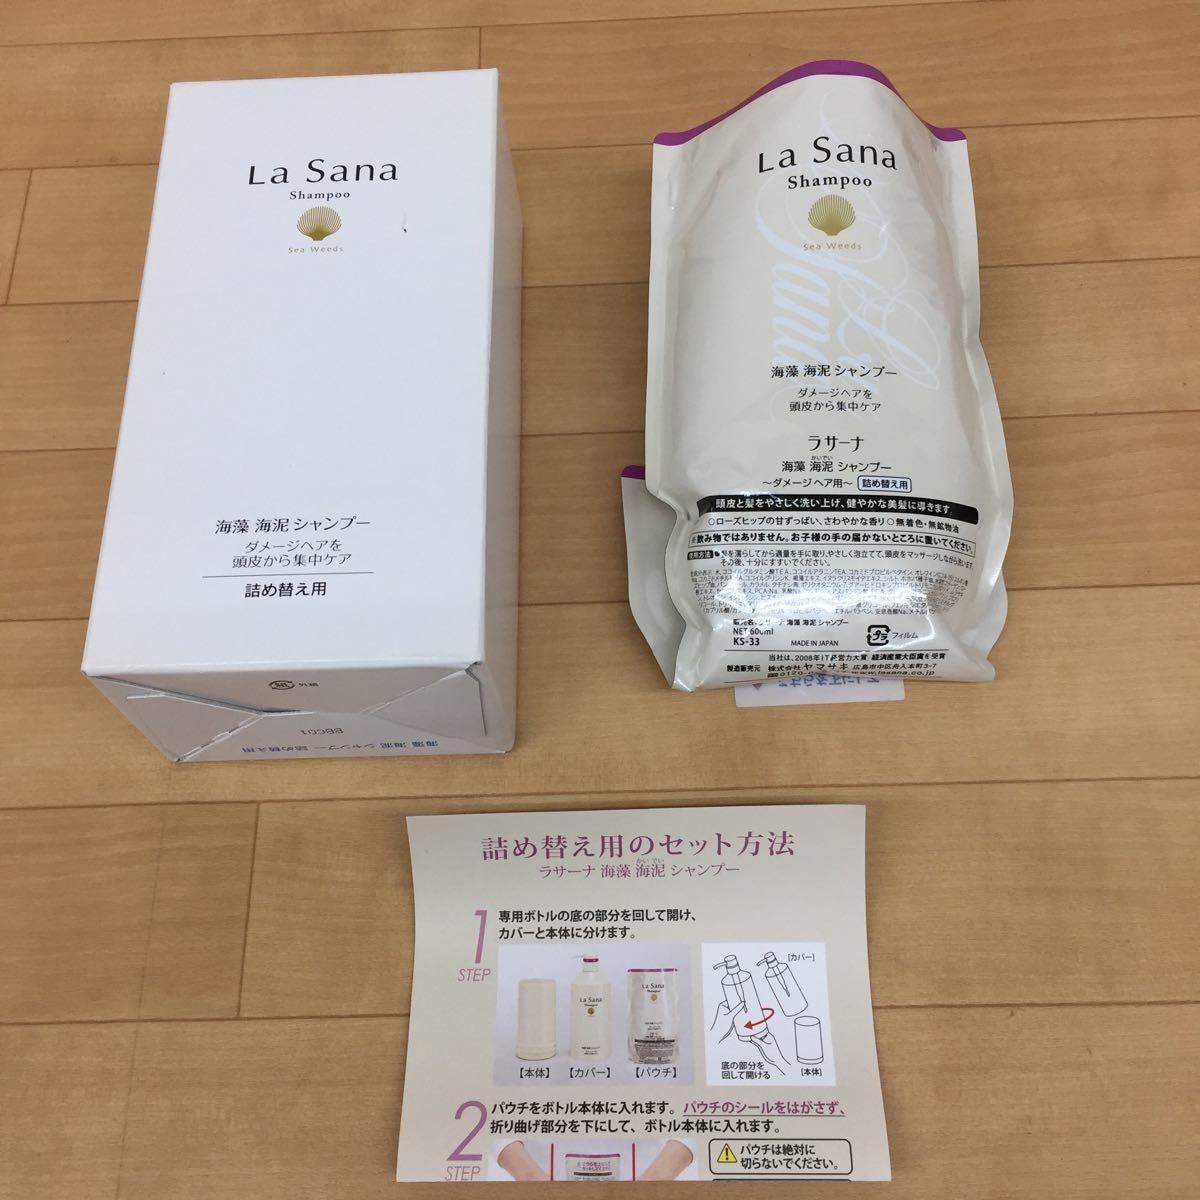 ☆ ラサーナ 海藻 海泥 シャンプー 詰替 600ml【CKMYV20L】A52